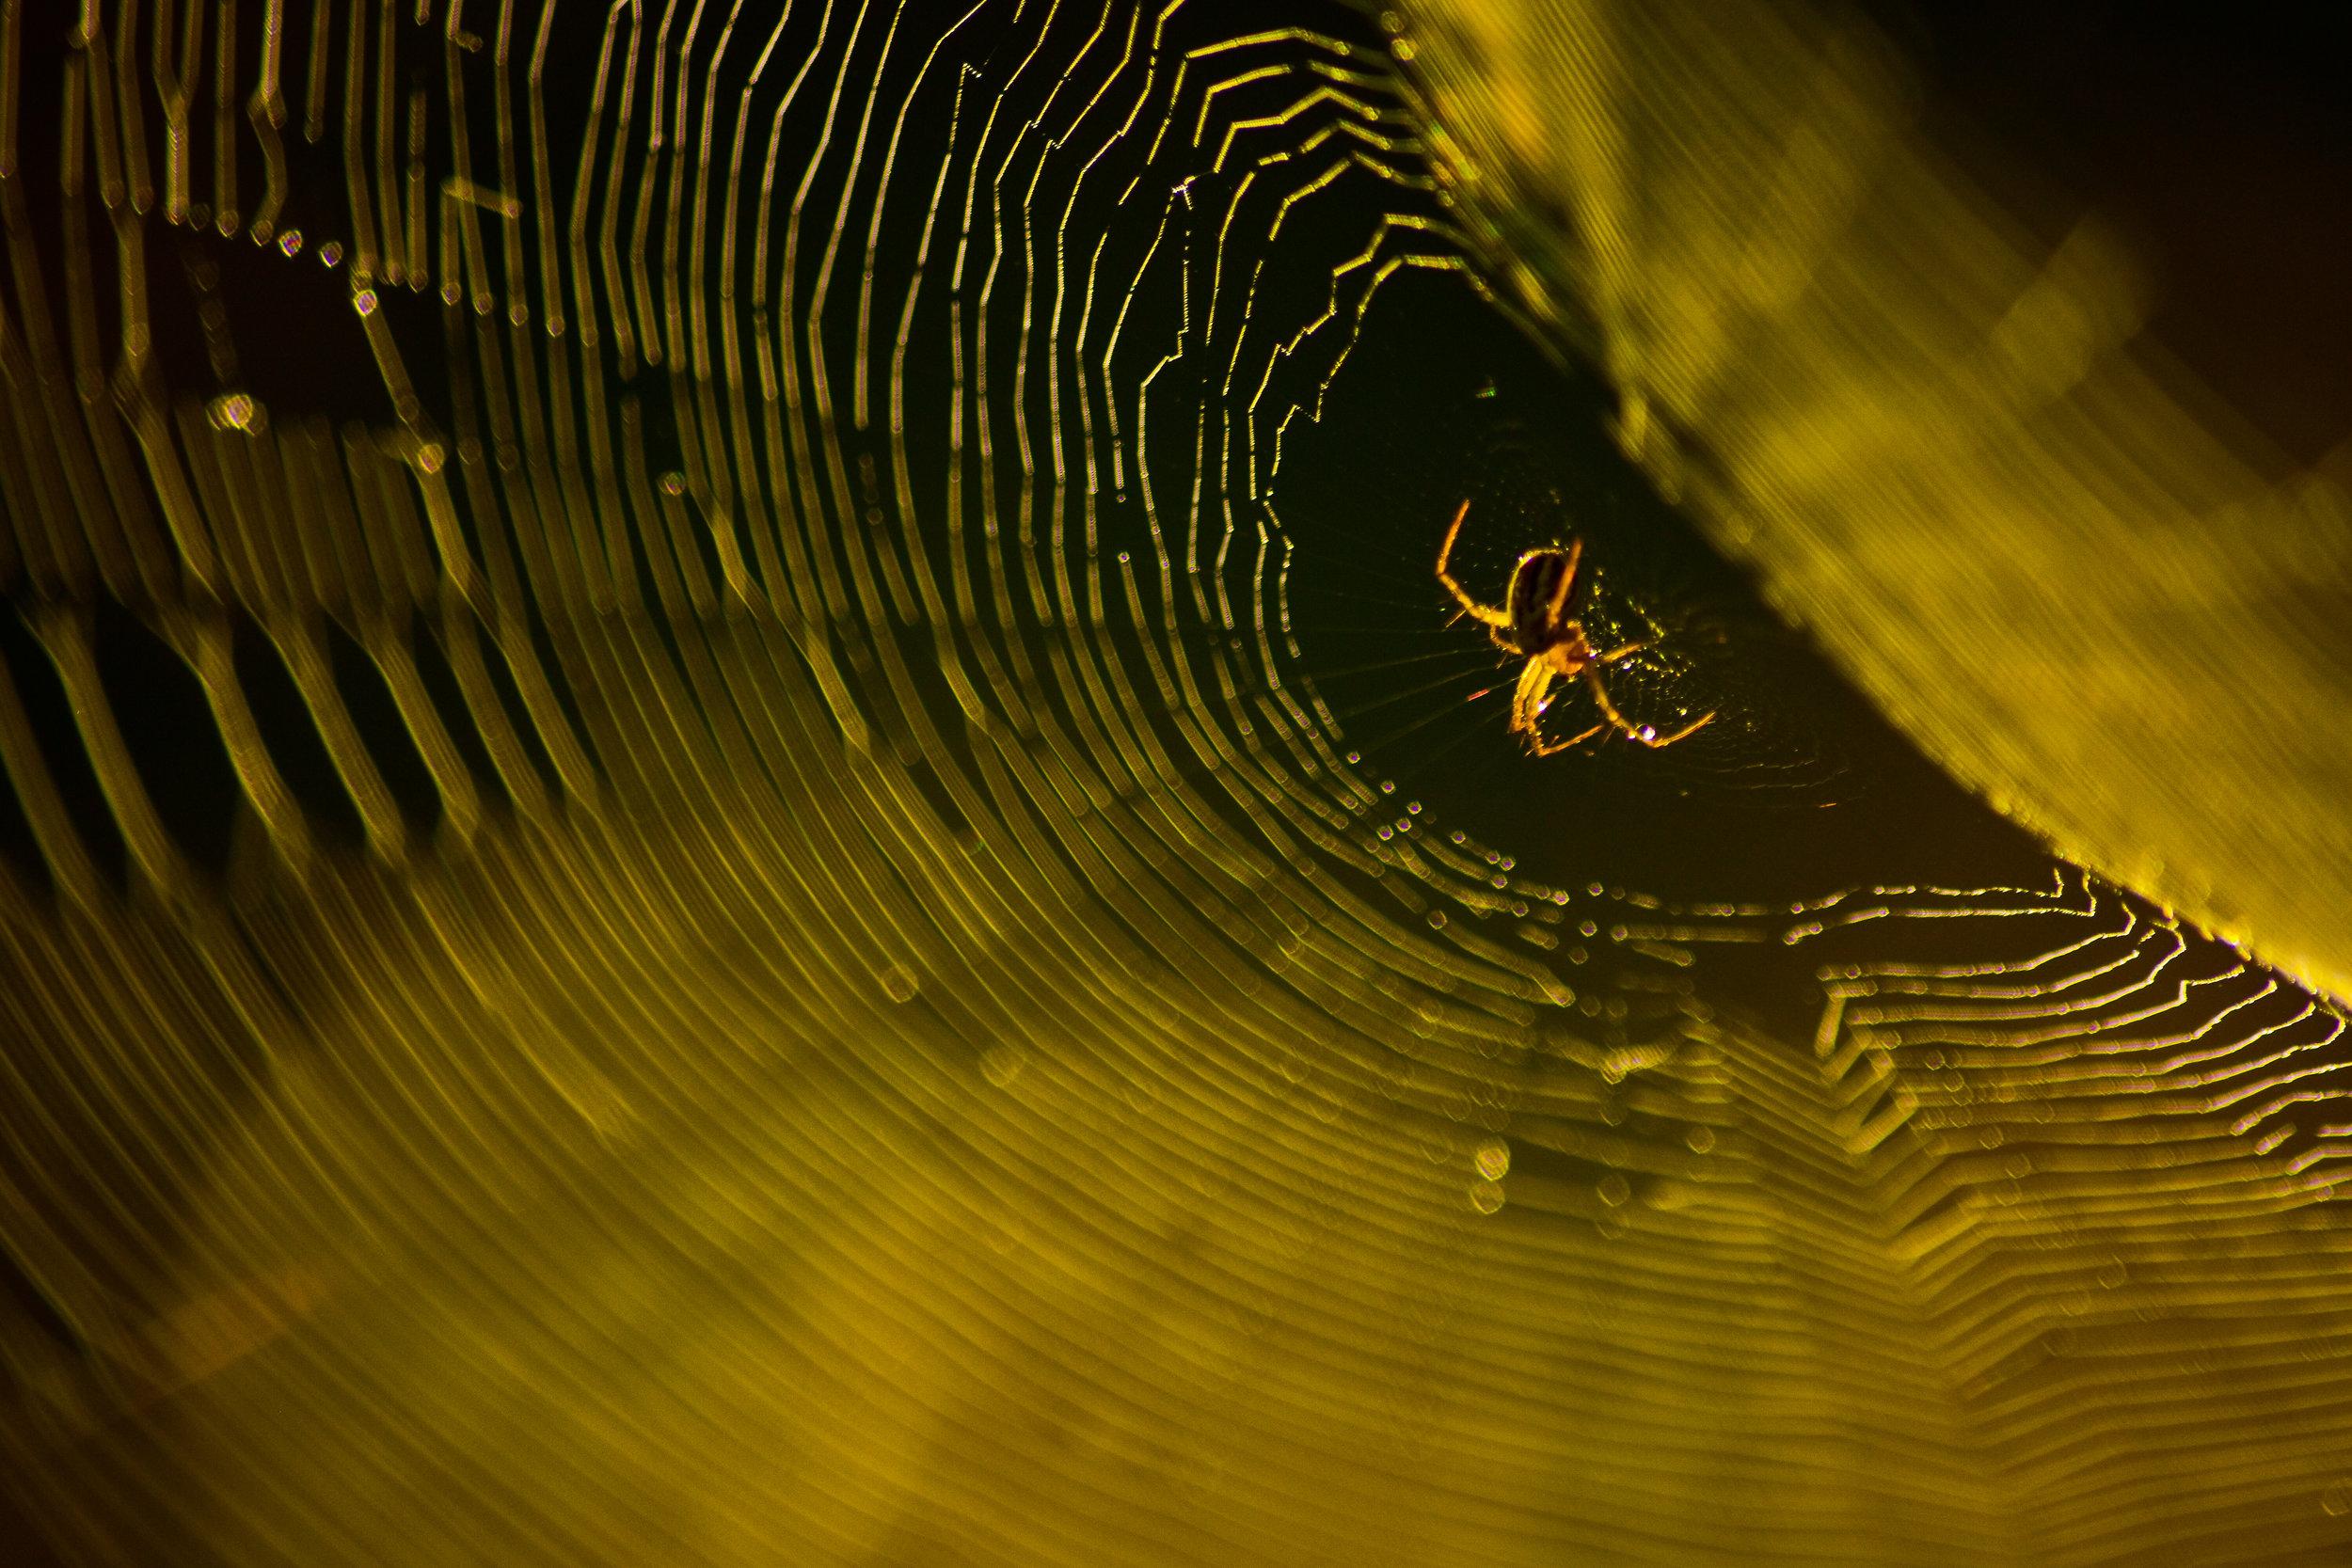 Spider in Spider Web.JPG